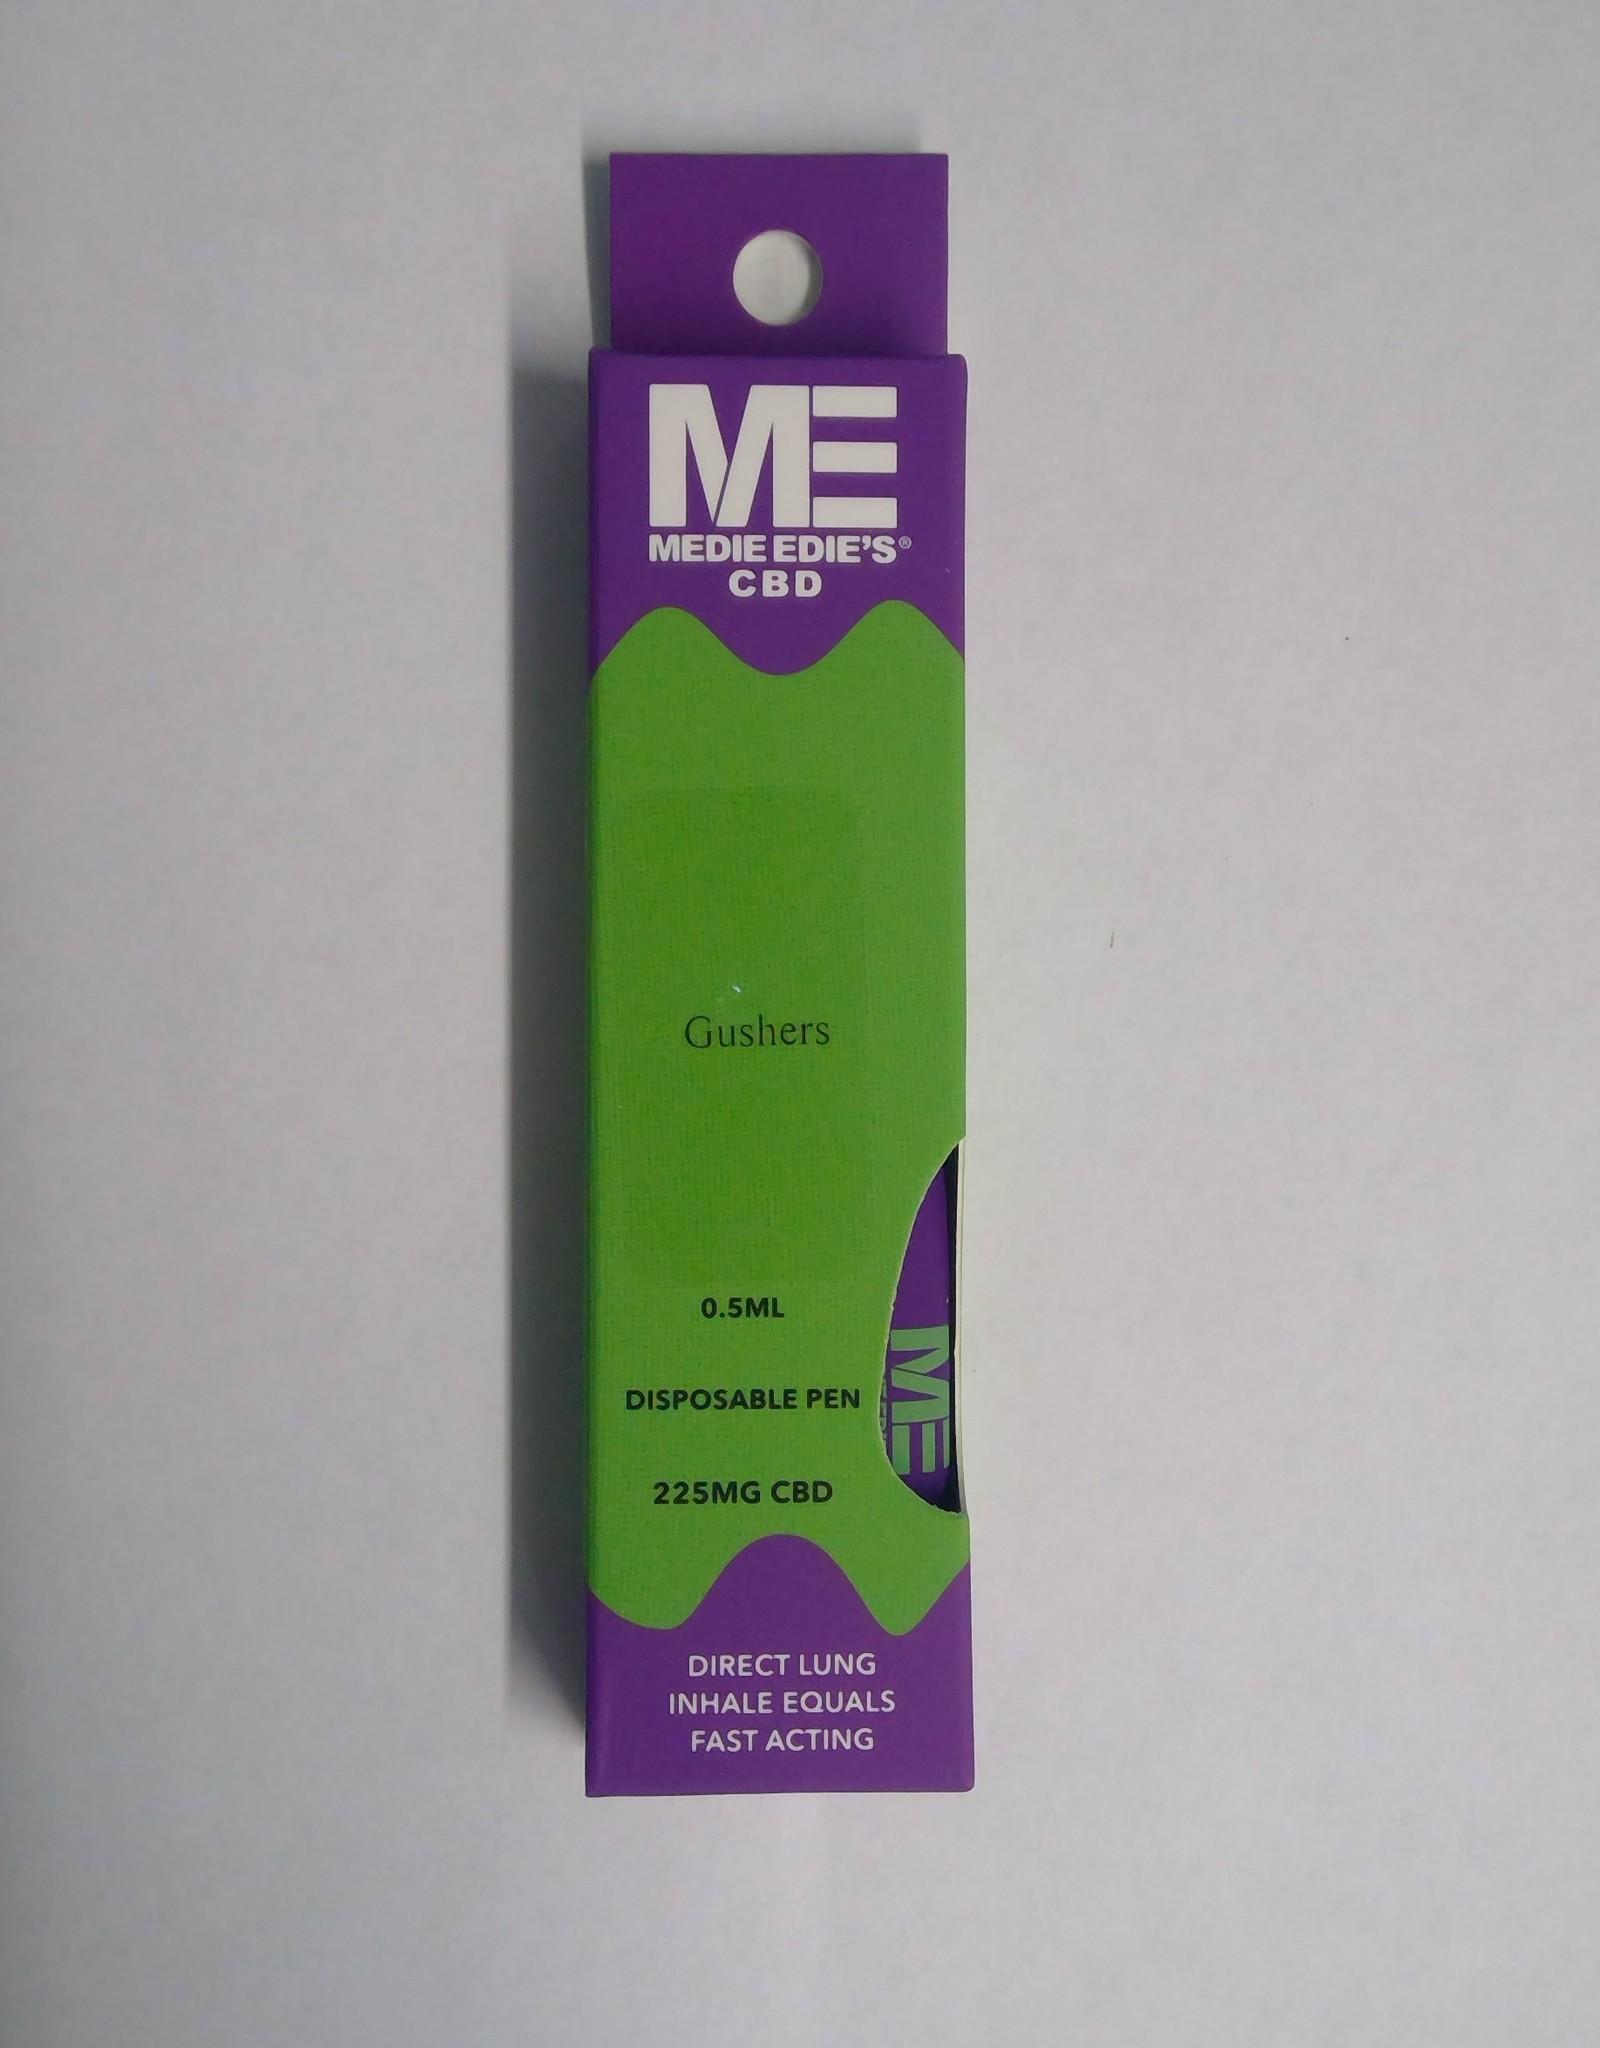 Medie Edie's Gushers Disposable CBD Vape - 225mg - 0.5mL